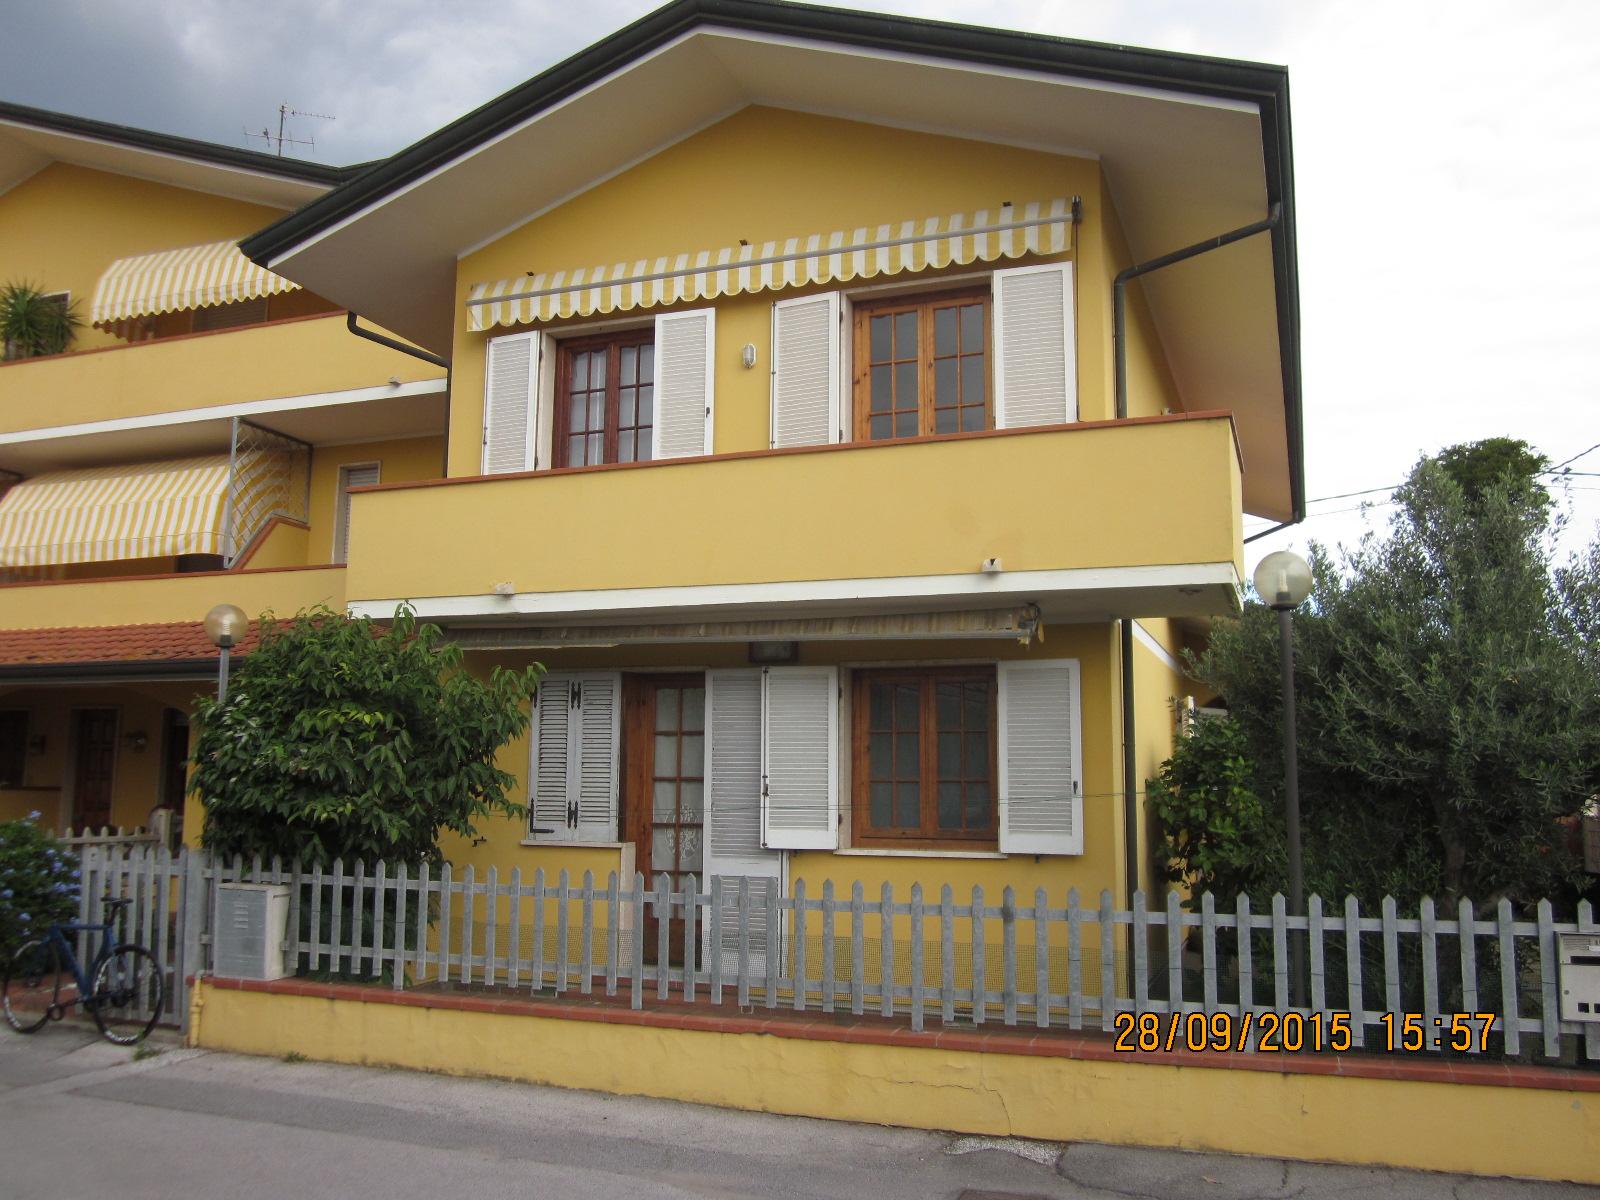 Soluzione Indipendente in vendita a Viareggio, 5 locali, zona Località: Entroterragenerico, prezzo € 319.000 | Cambio Casa.it